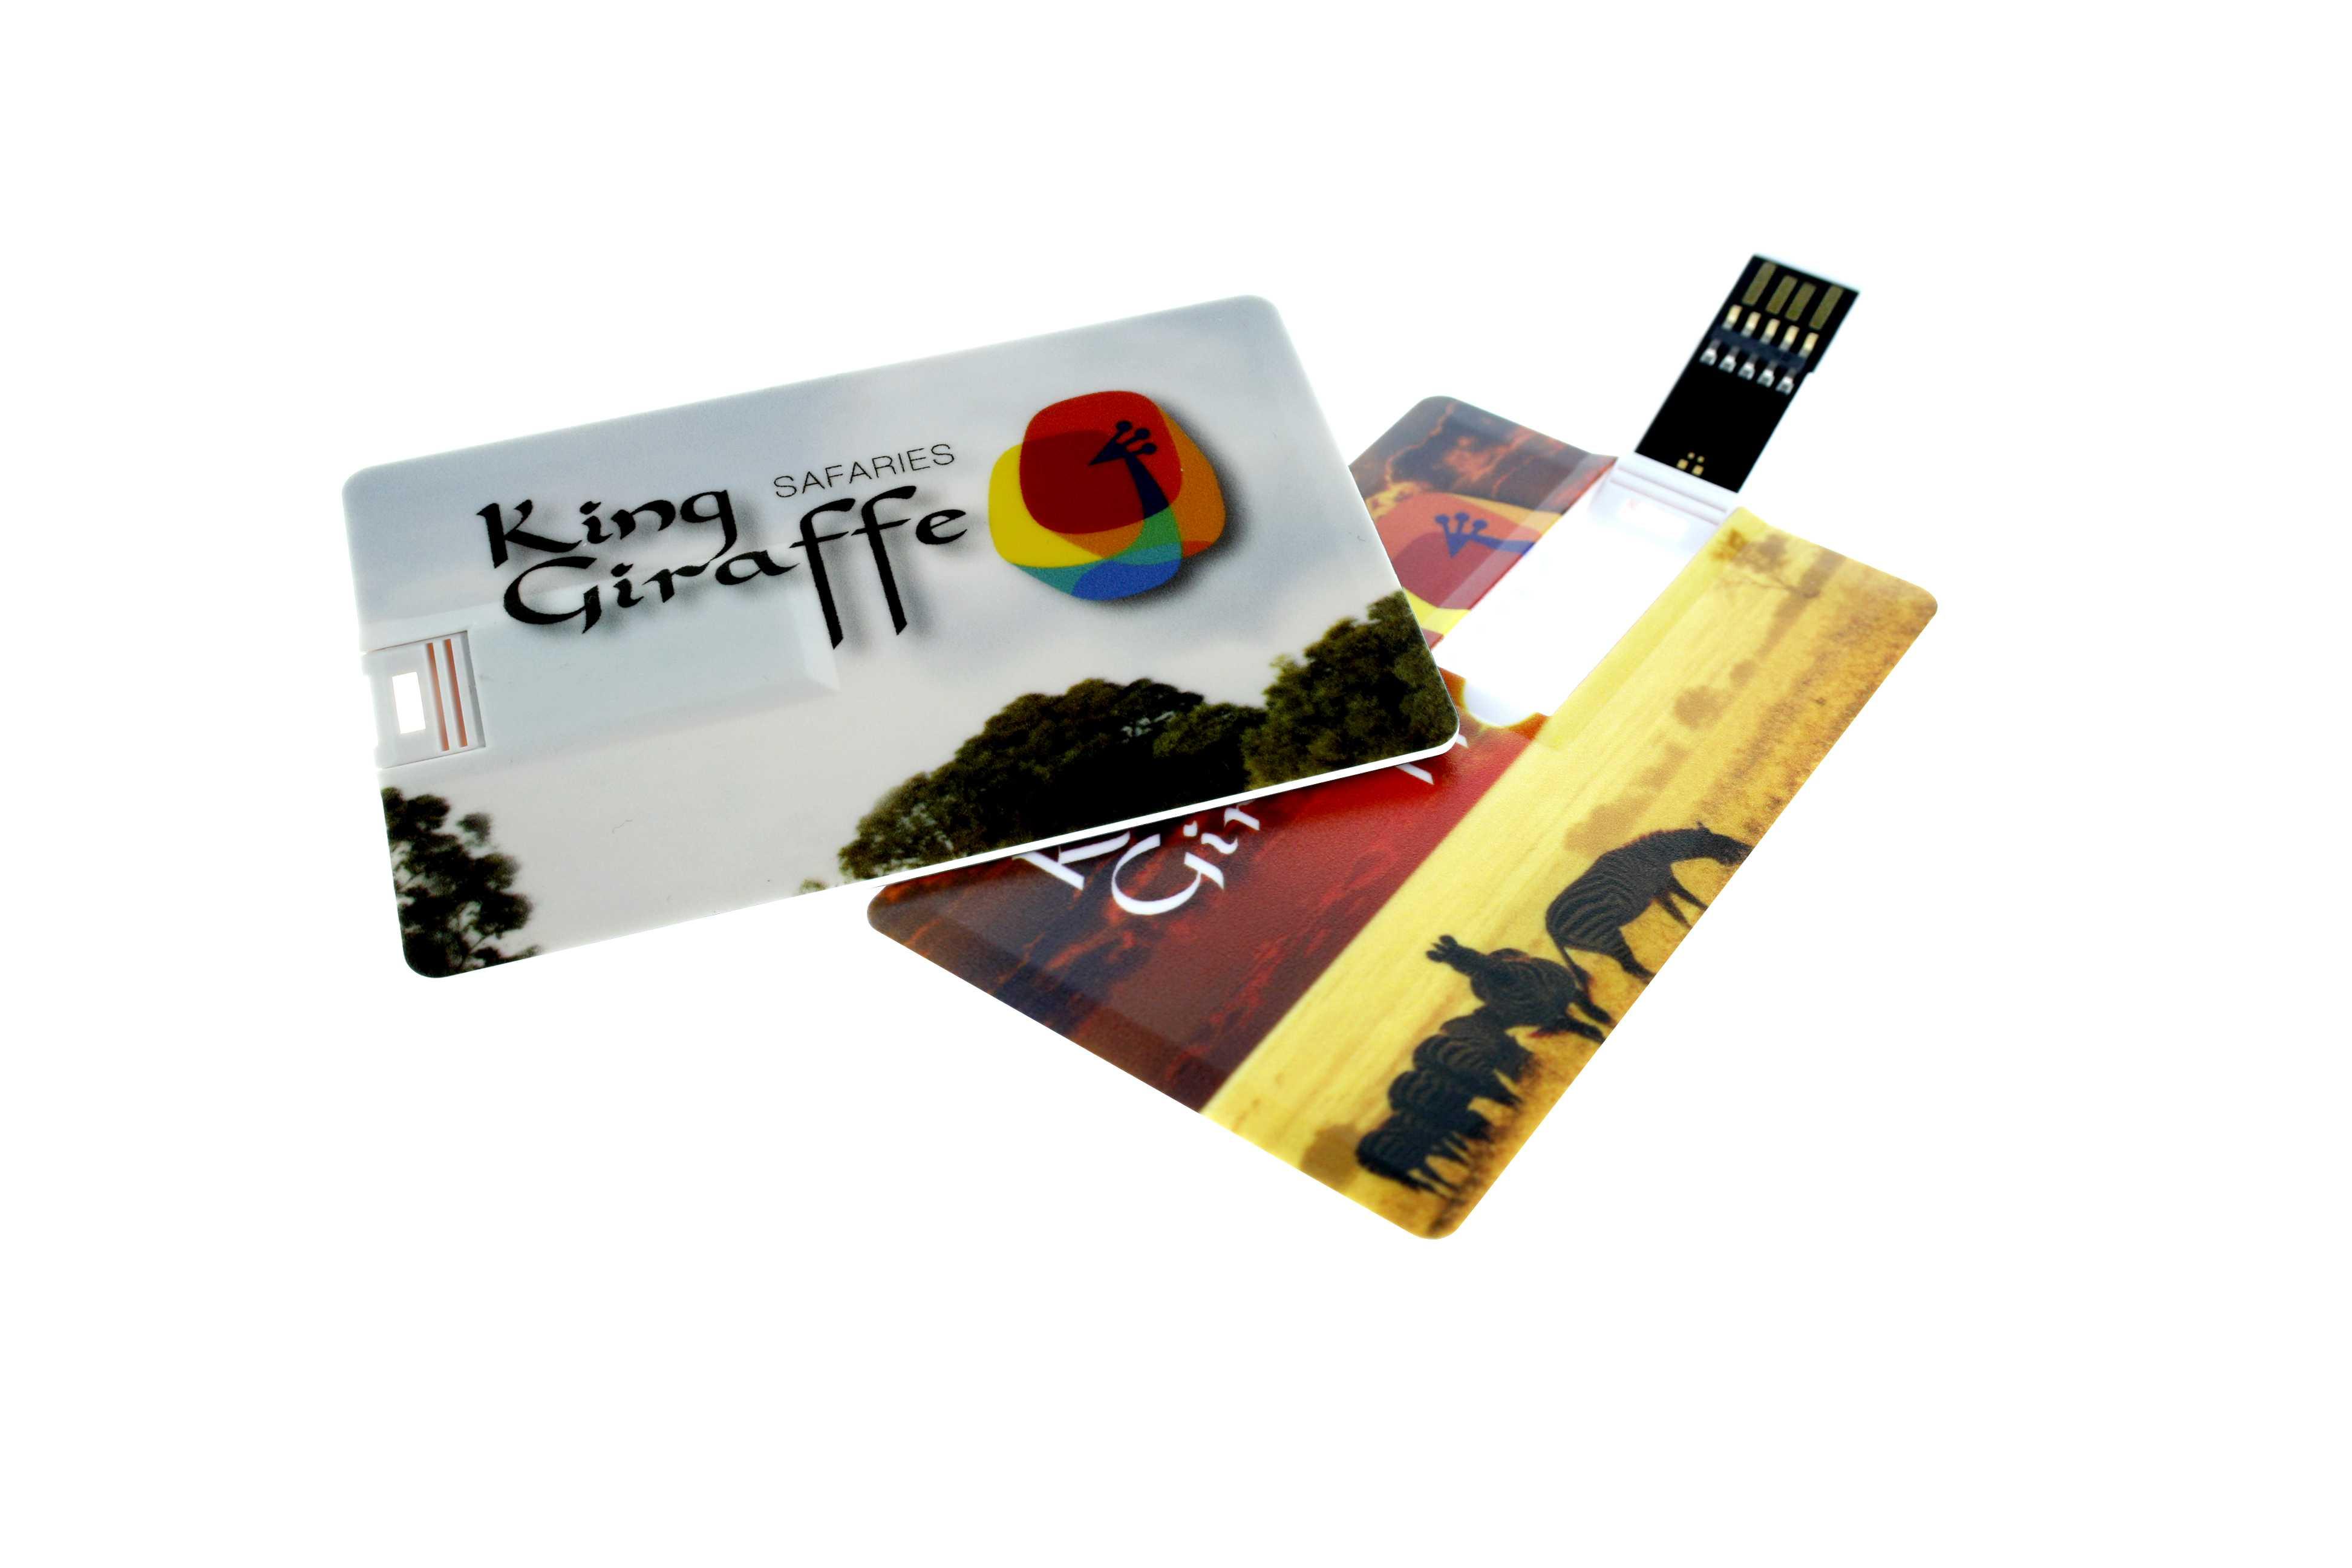 Cadeau d'entreprise - Clé USB publicitaire carte de crédit 3.0